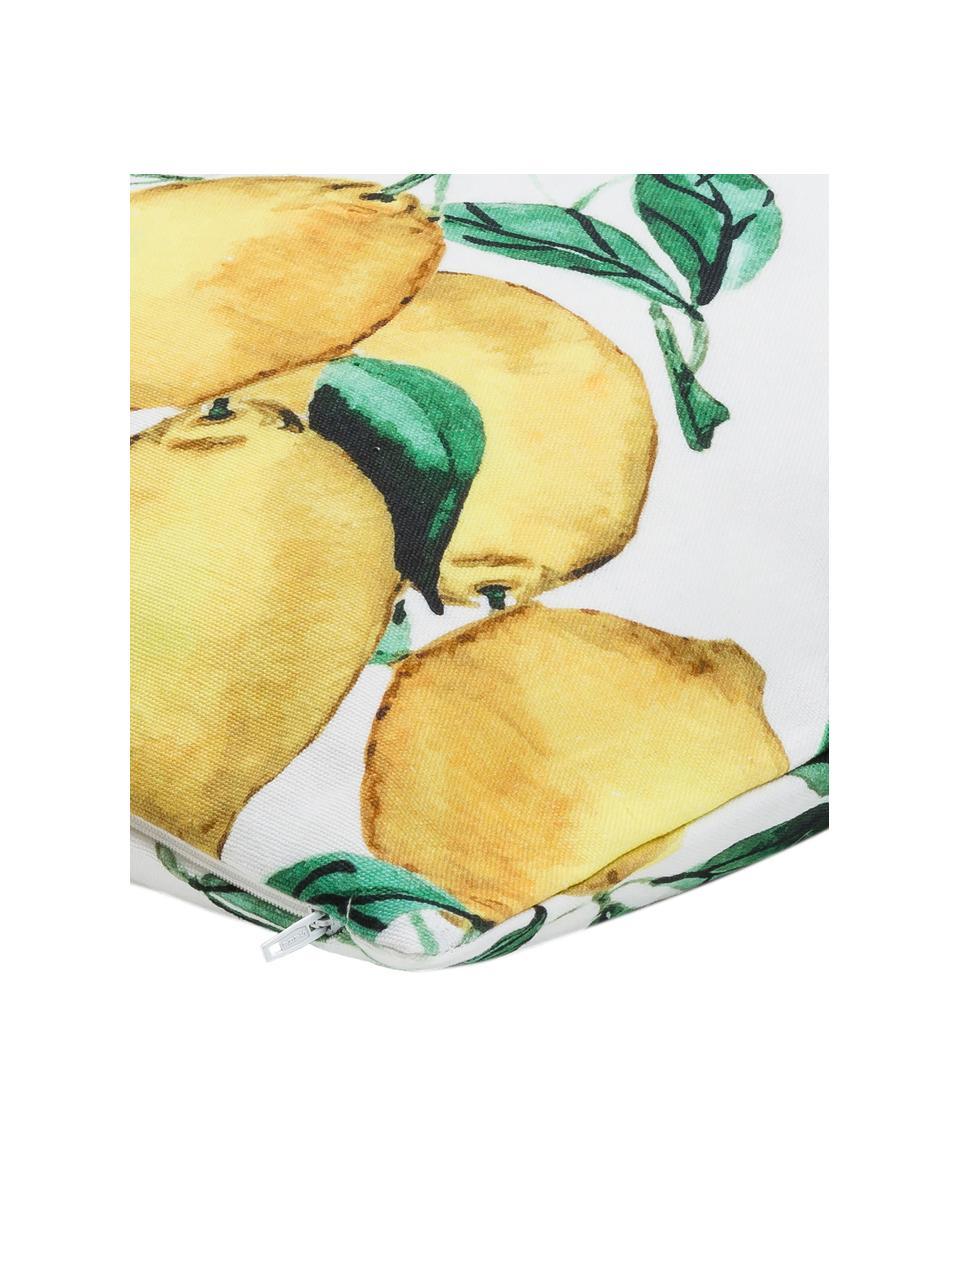 Kussenhoes Citrus met citroen patroon, Katoen, Geel , groen , wit, 40 x 40 cm